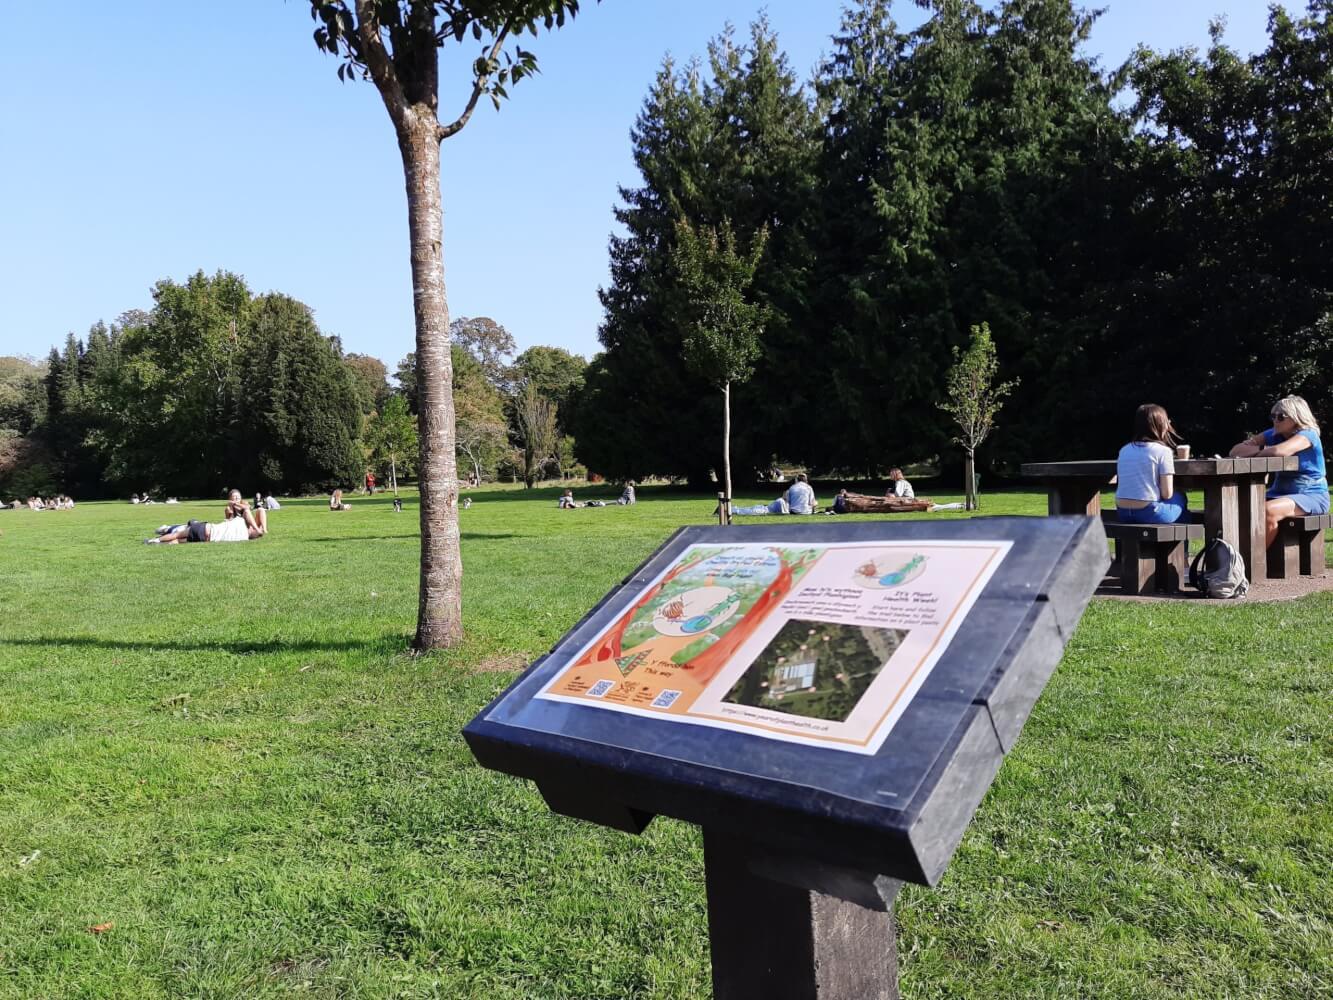 Bute park trail